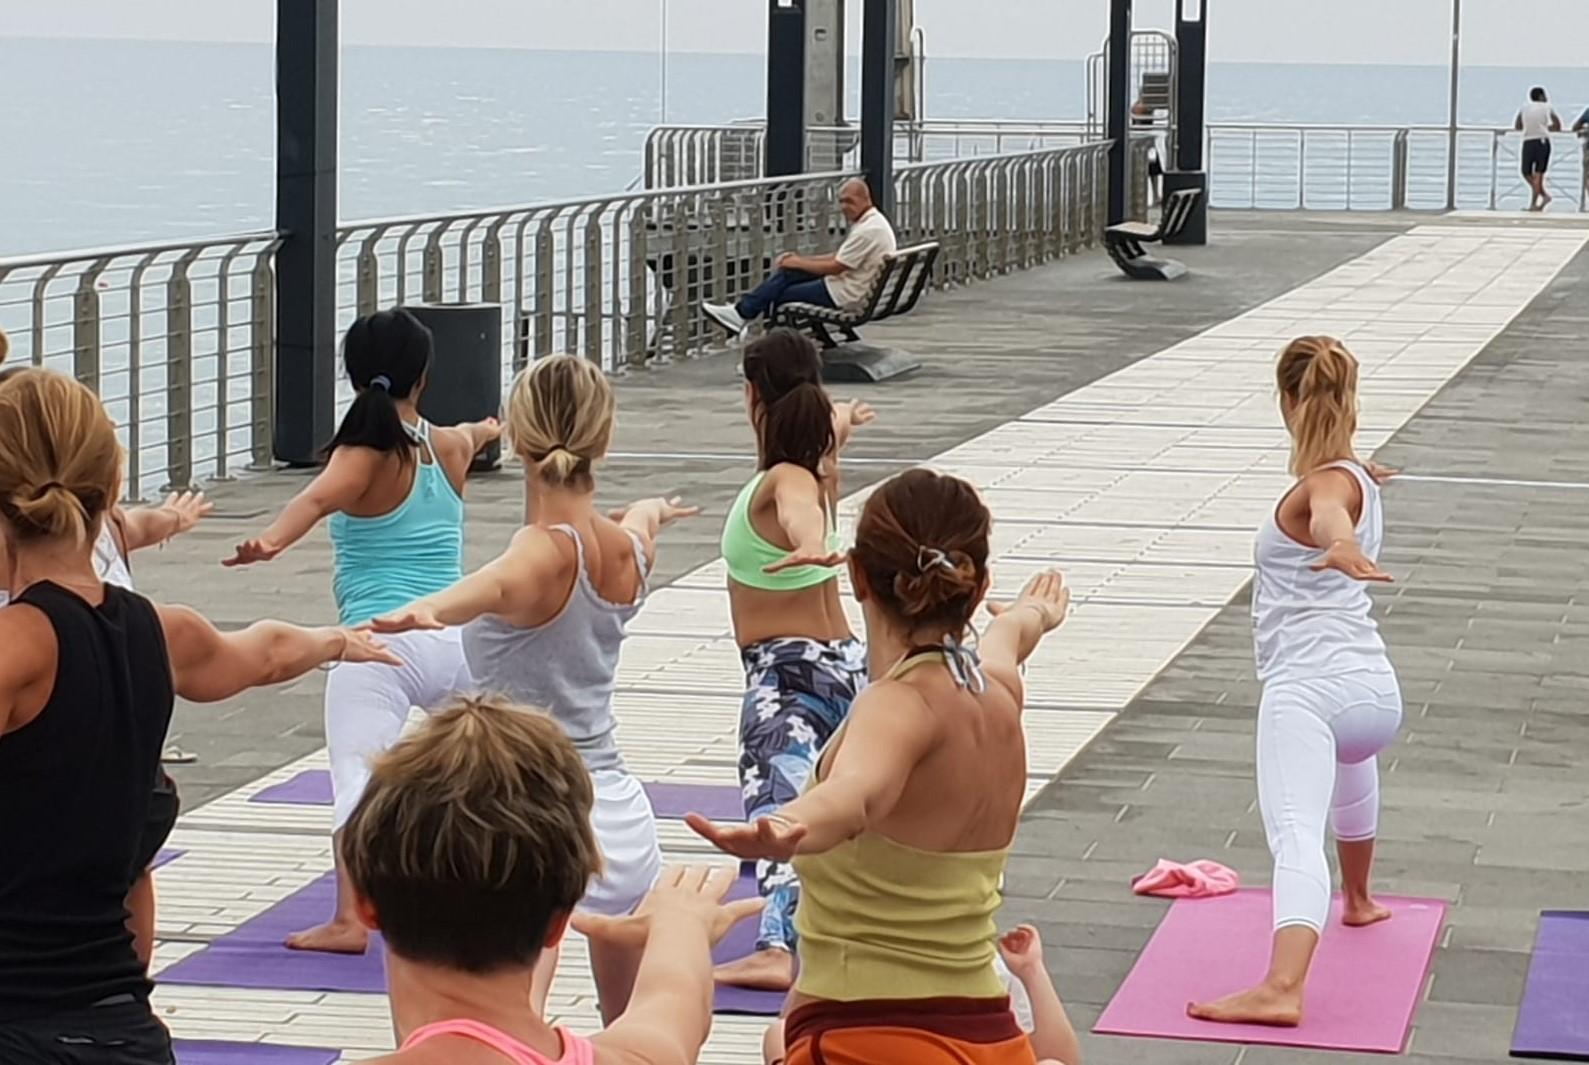 essere-free-yoga-gratuito-benessere-per-tutti-village-citta-alassio-estate-lucia-ragazzi-summer-town-wellness-087